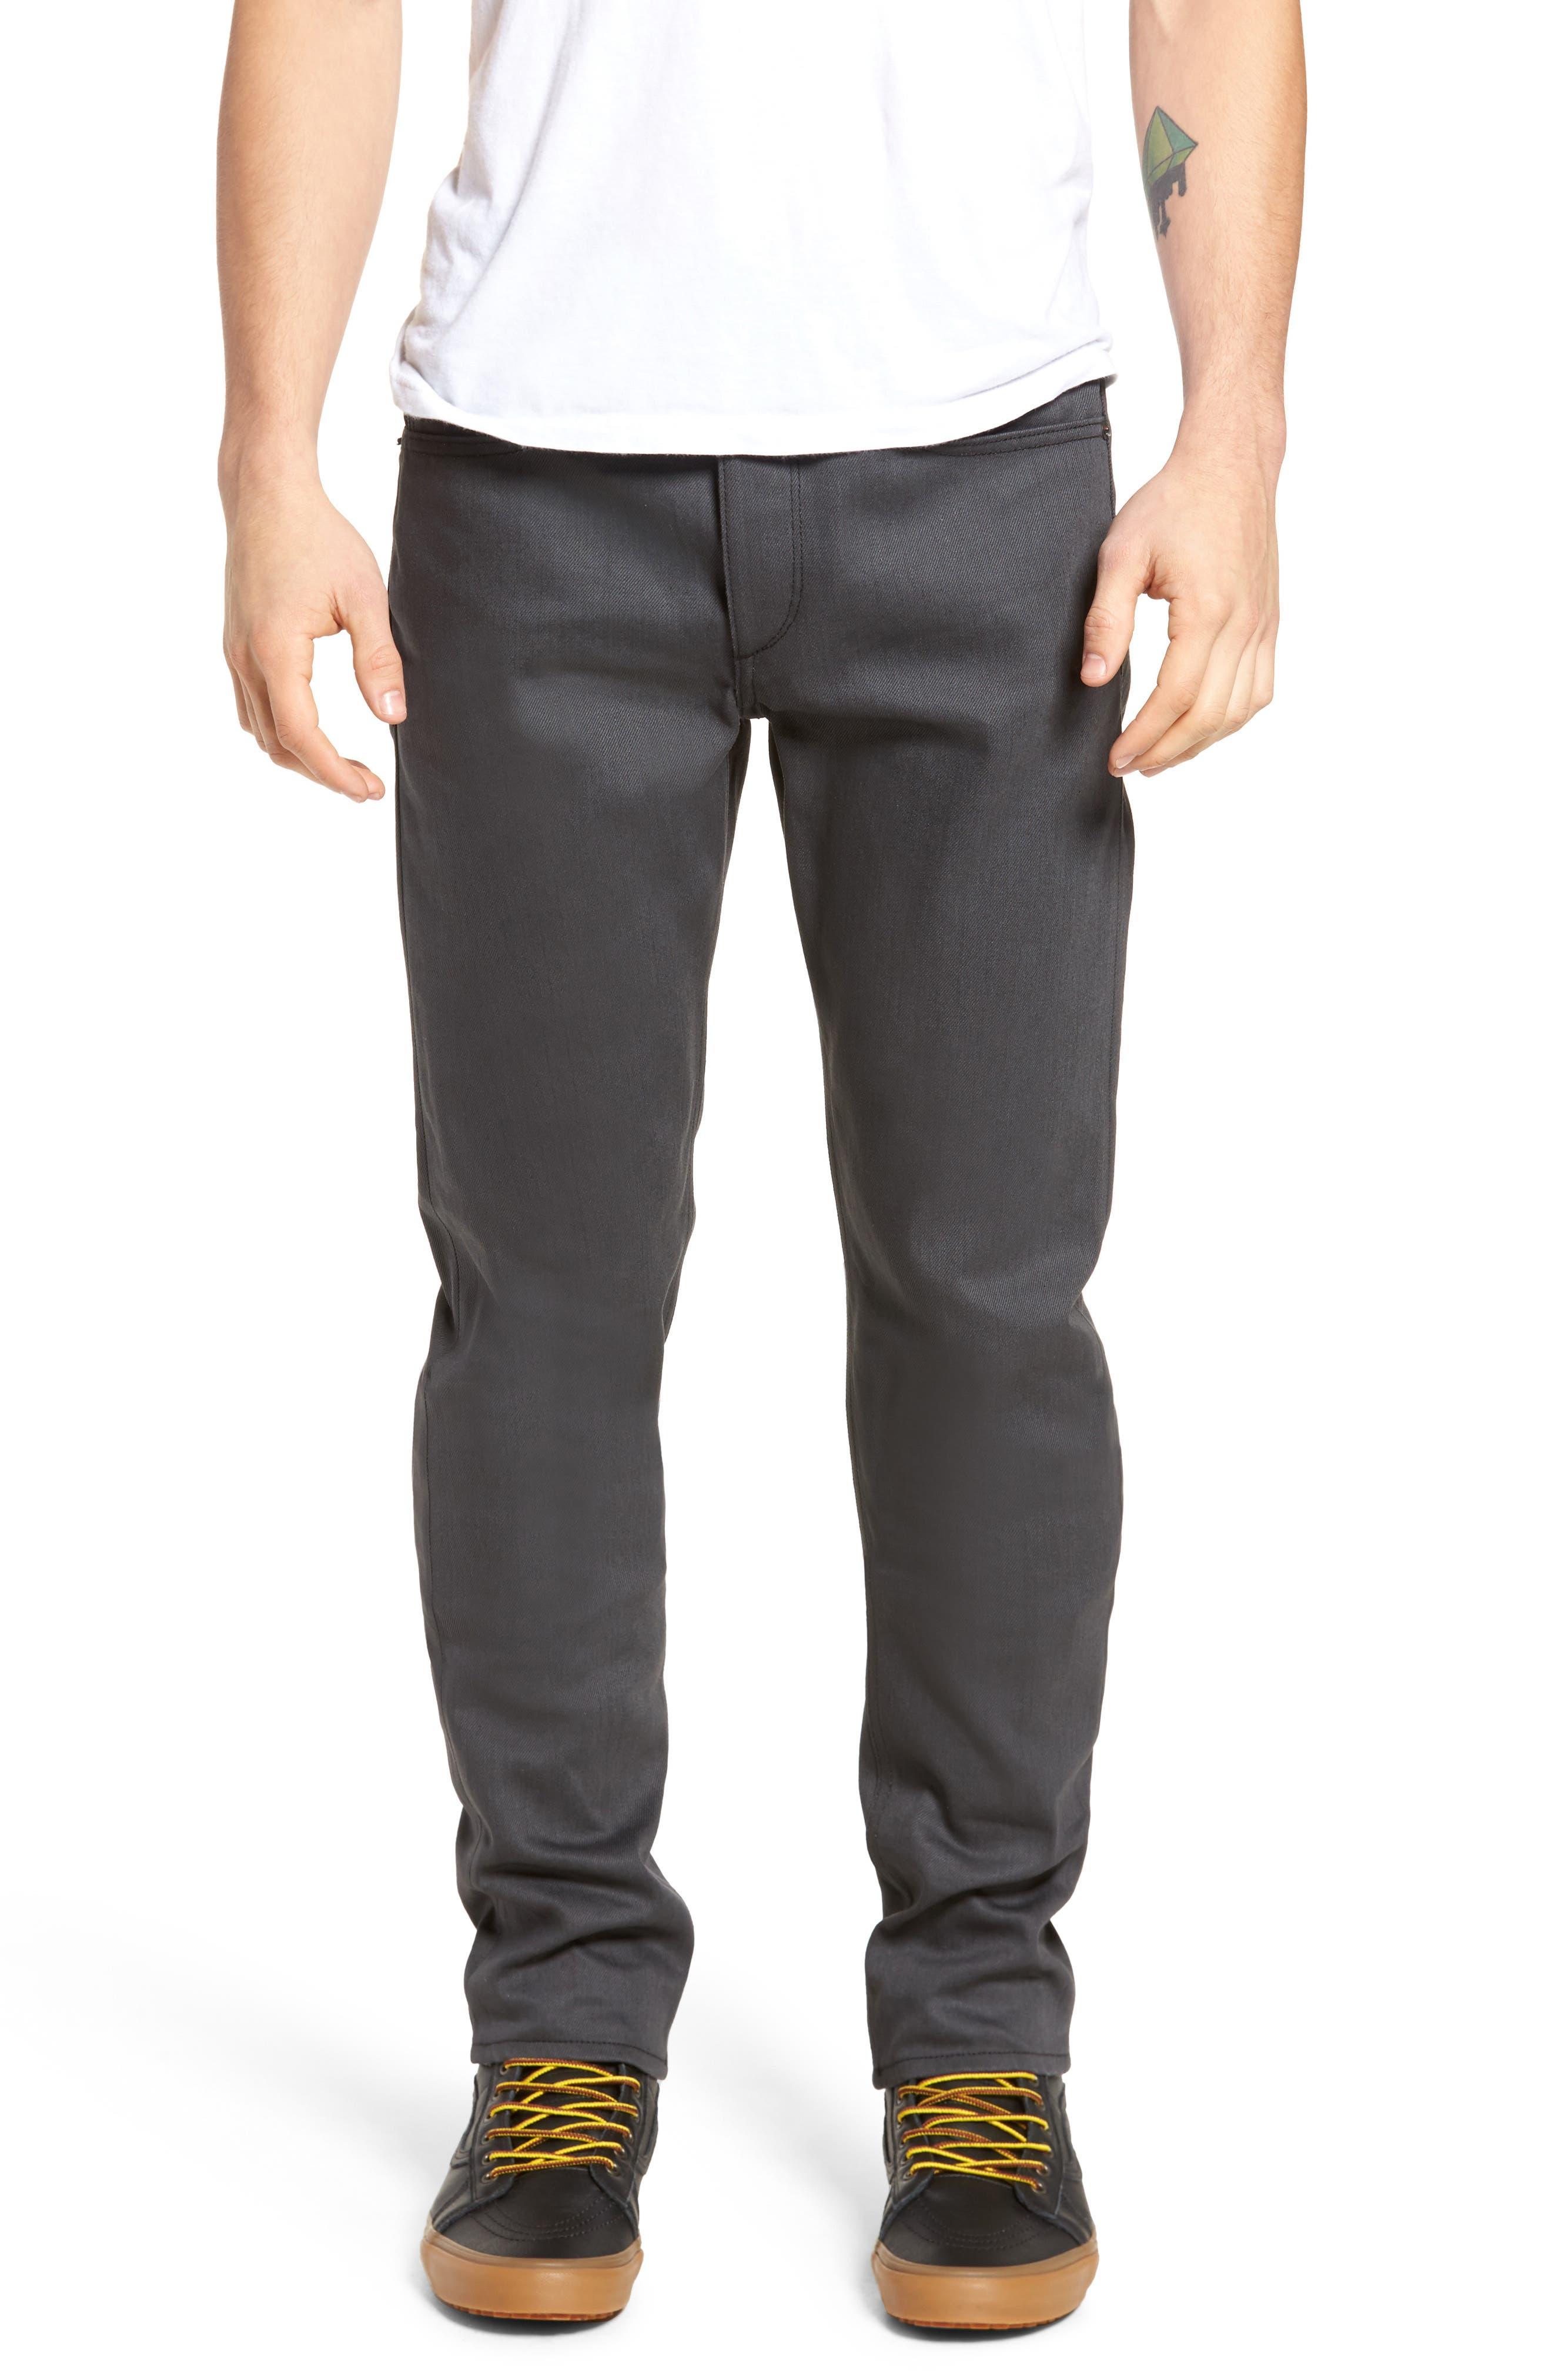 Fit 2 Slim Fit Jeans,                             Main thumbnail 1, color,                             002